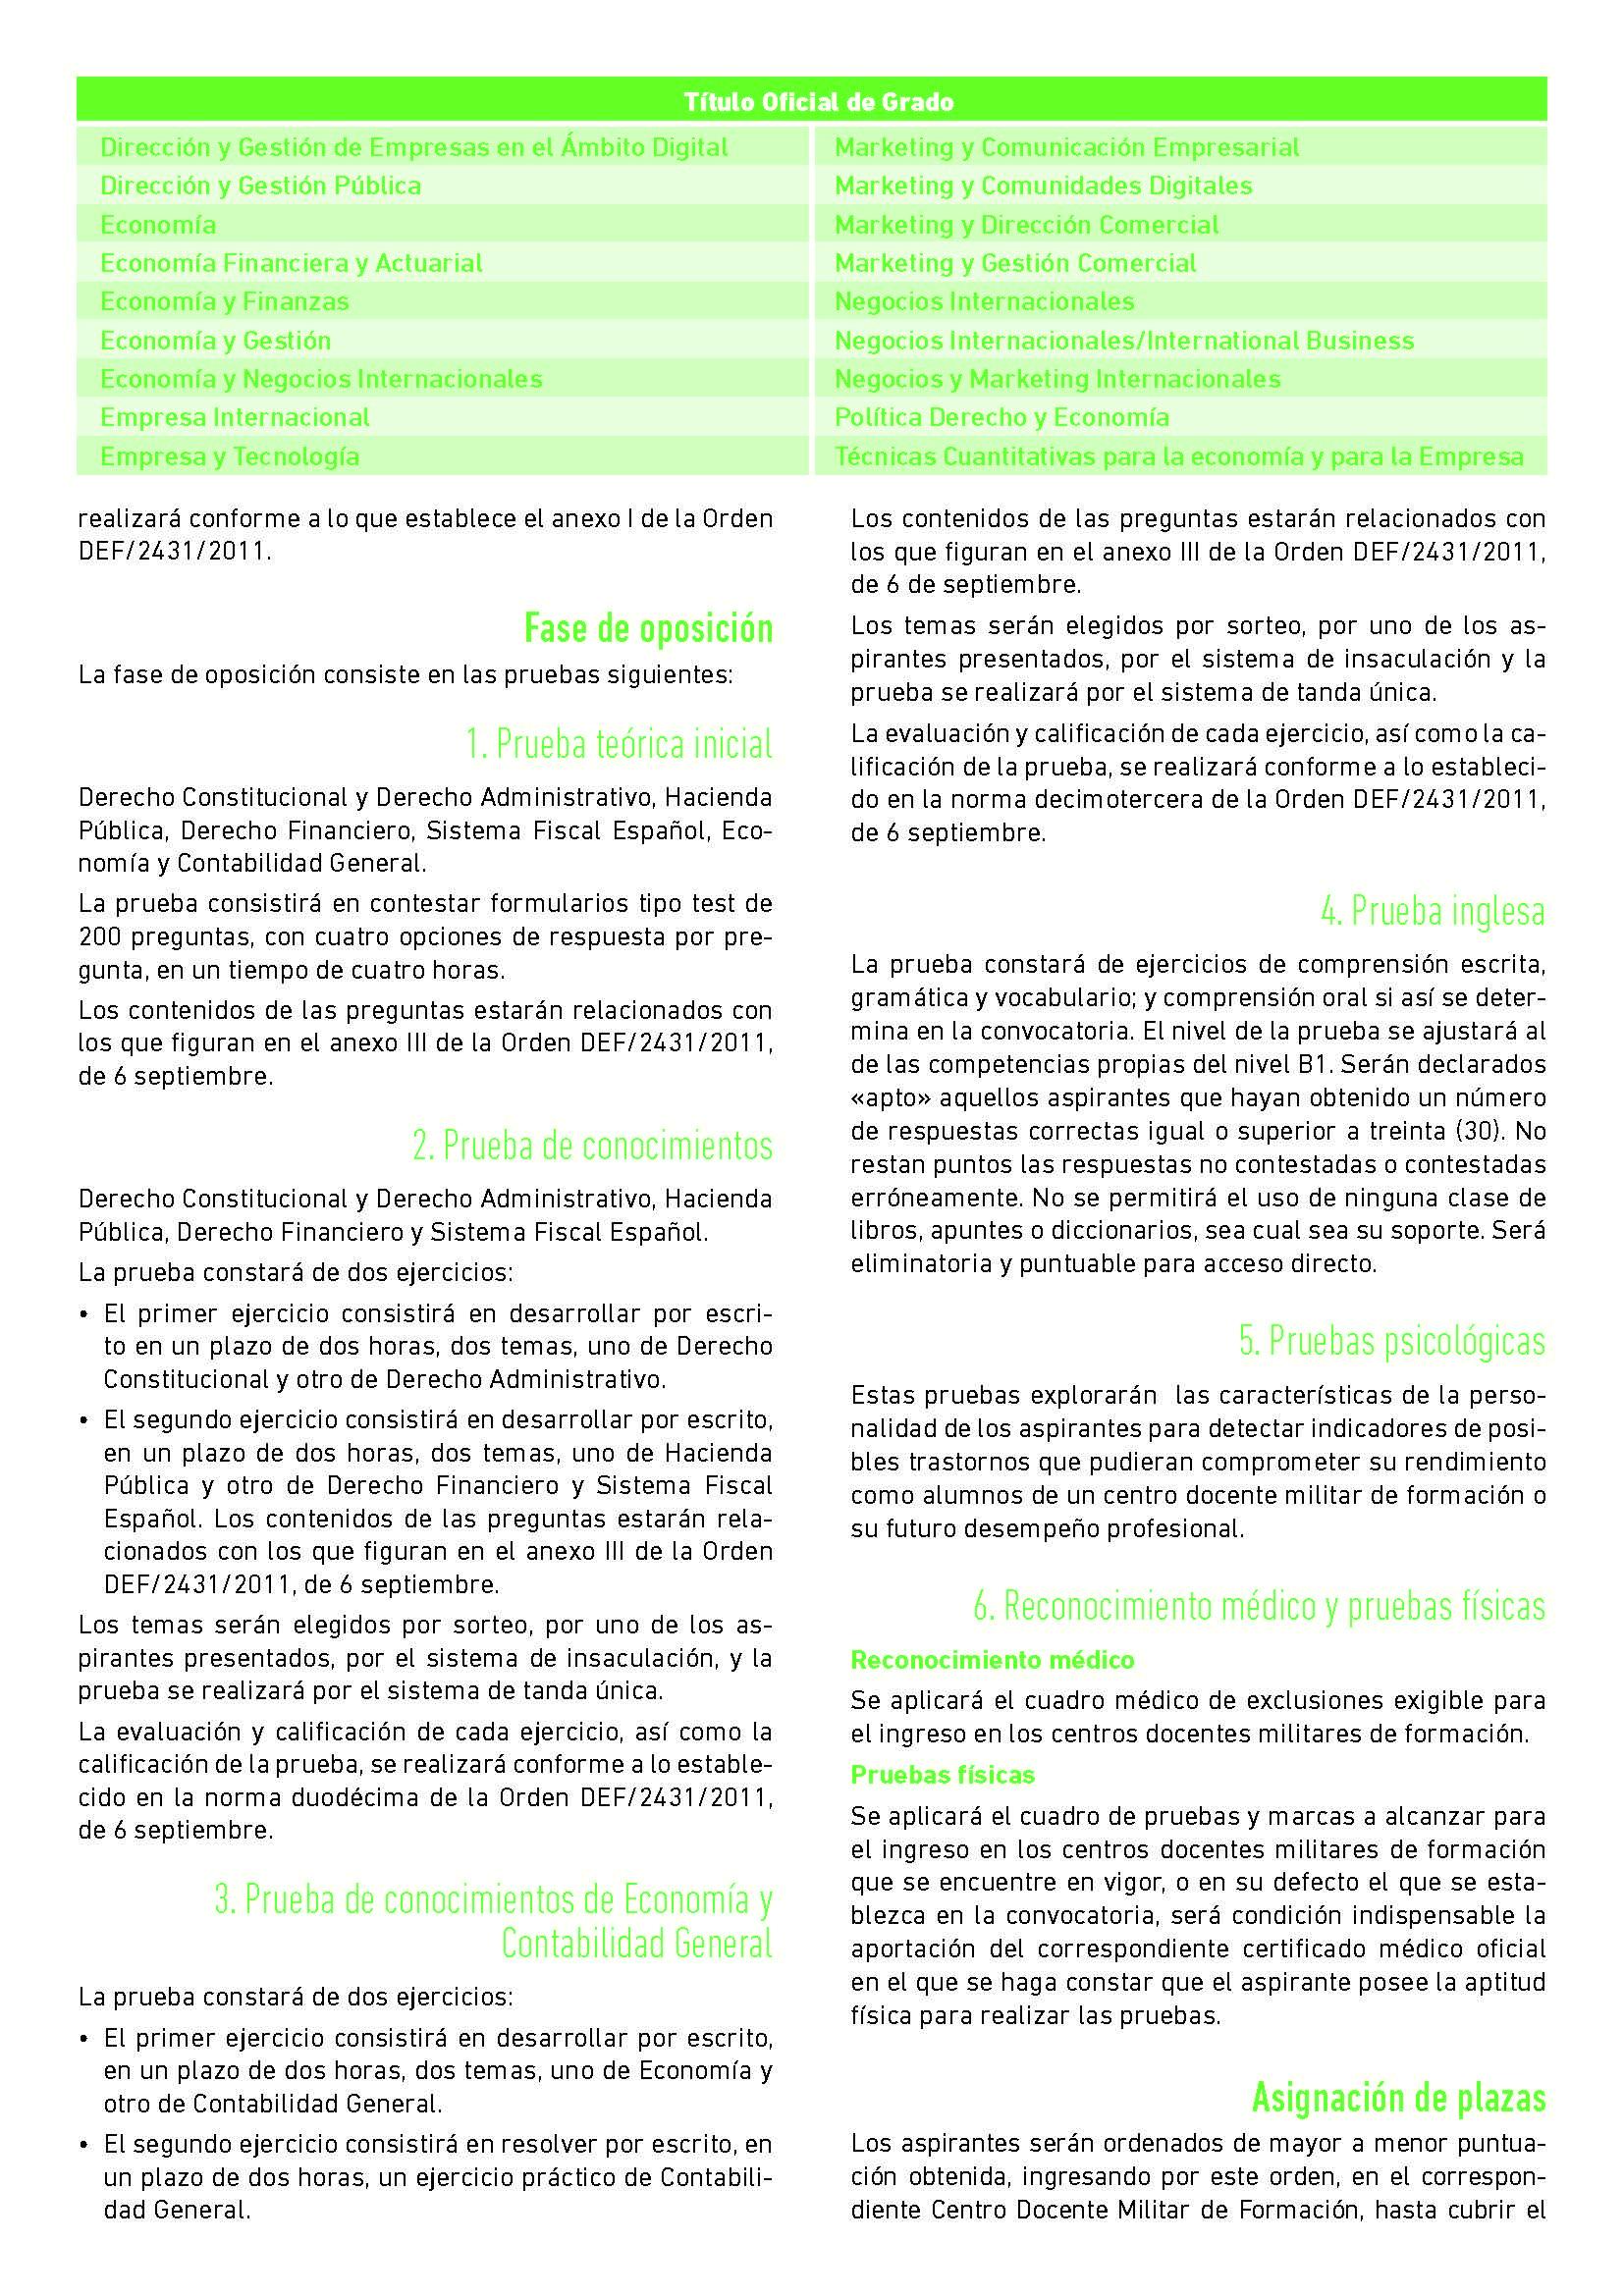 INTENDENCIA_maio21_Página_3